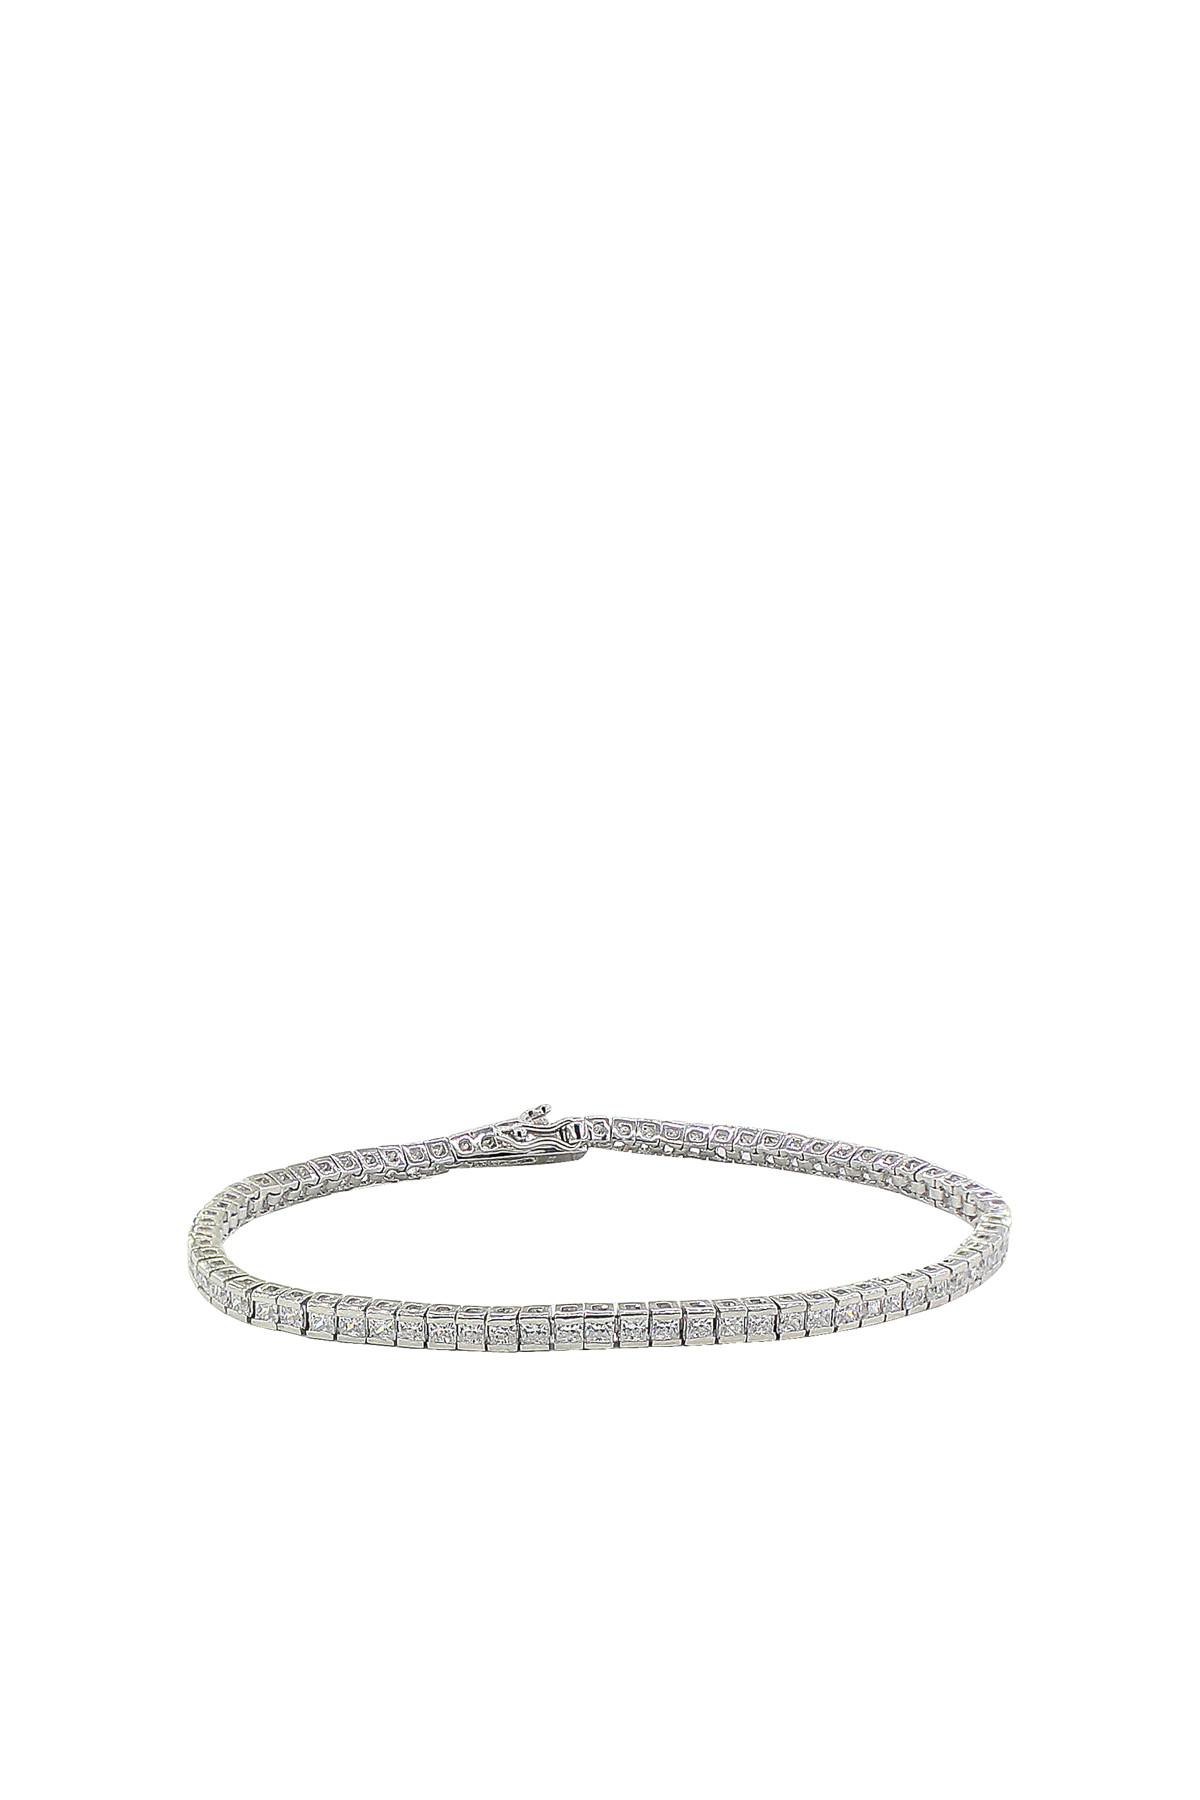 Söğütlü Silver Kadın 925 Ayar Gümüş Rodyumlu Su Yolu Bileklik SGTL2736 1